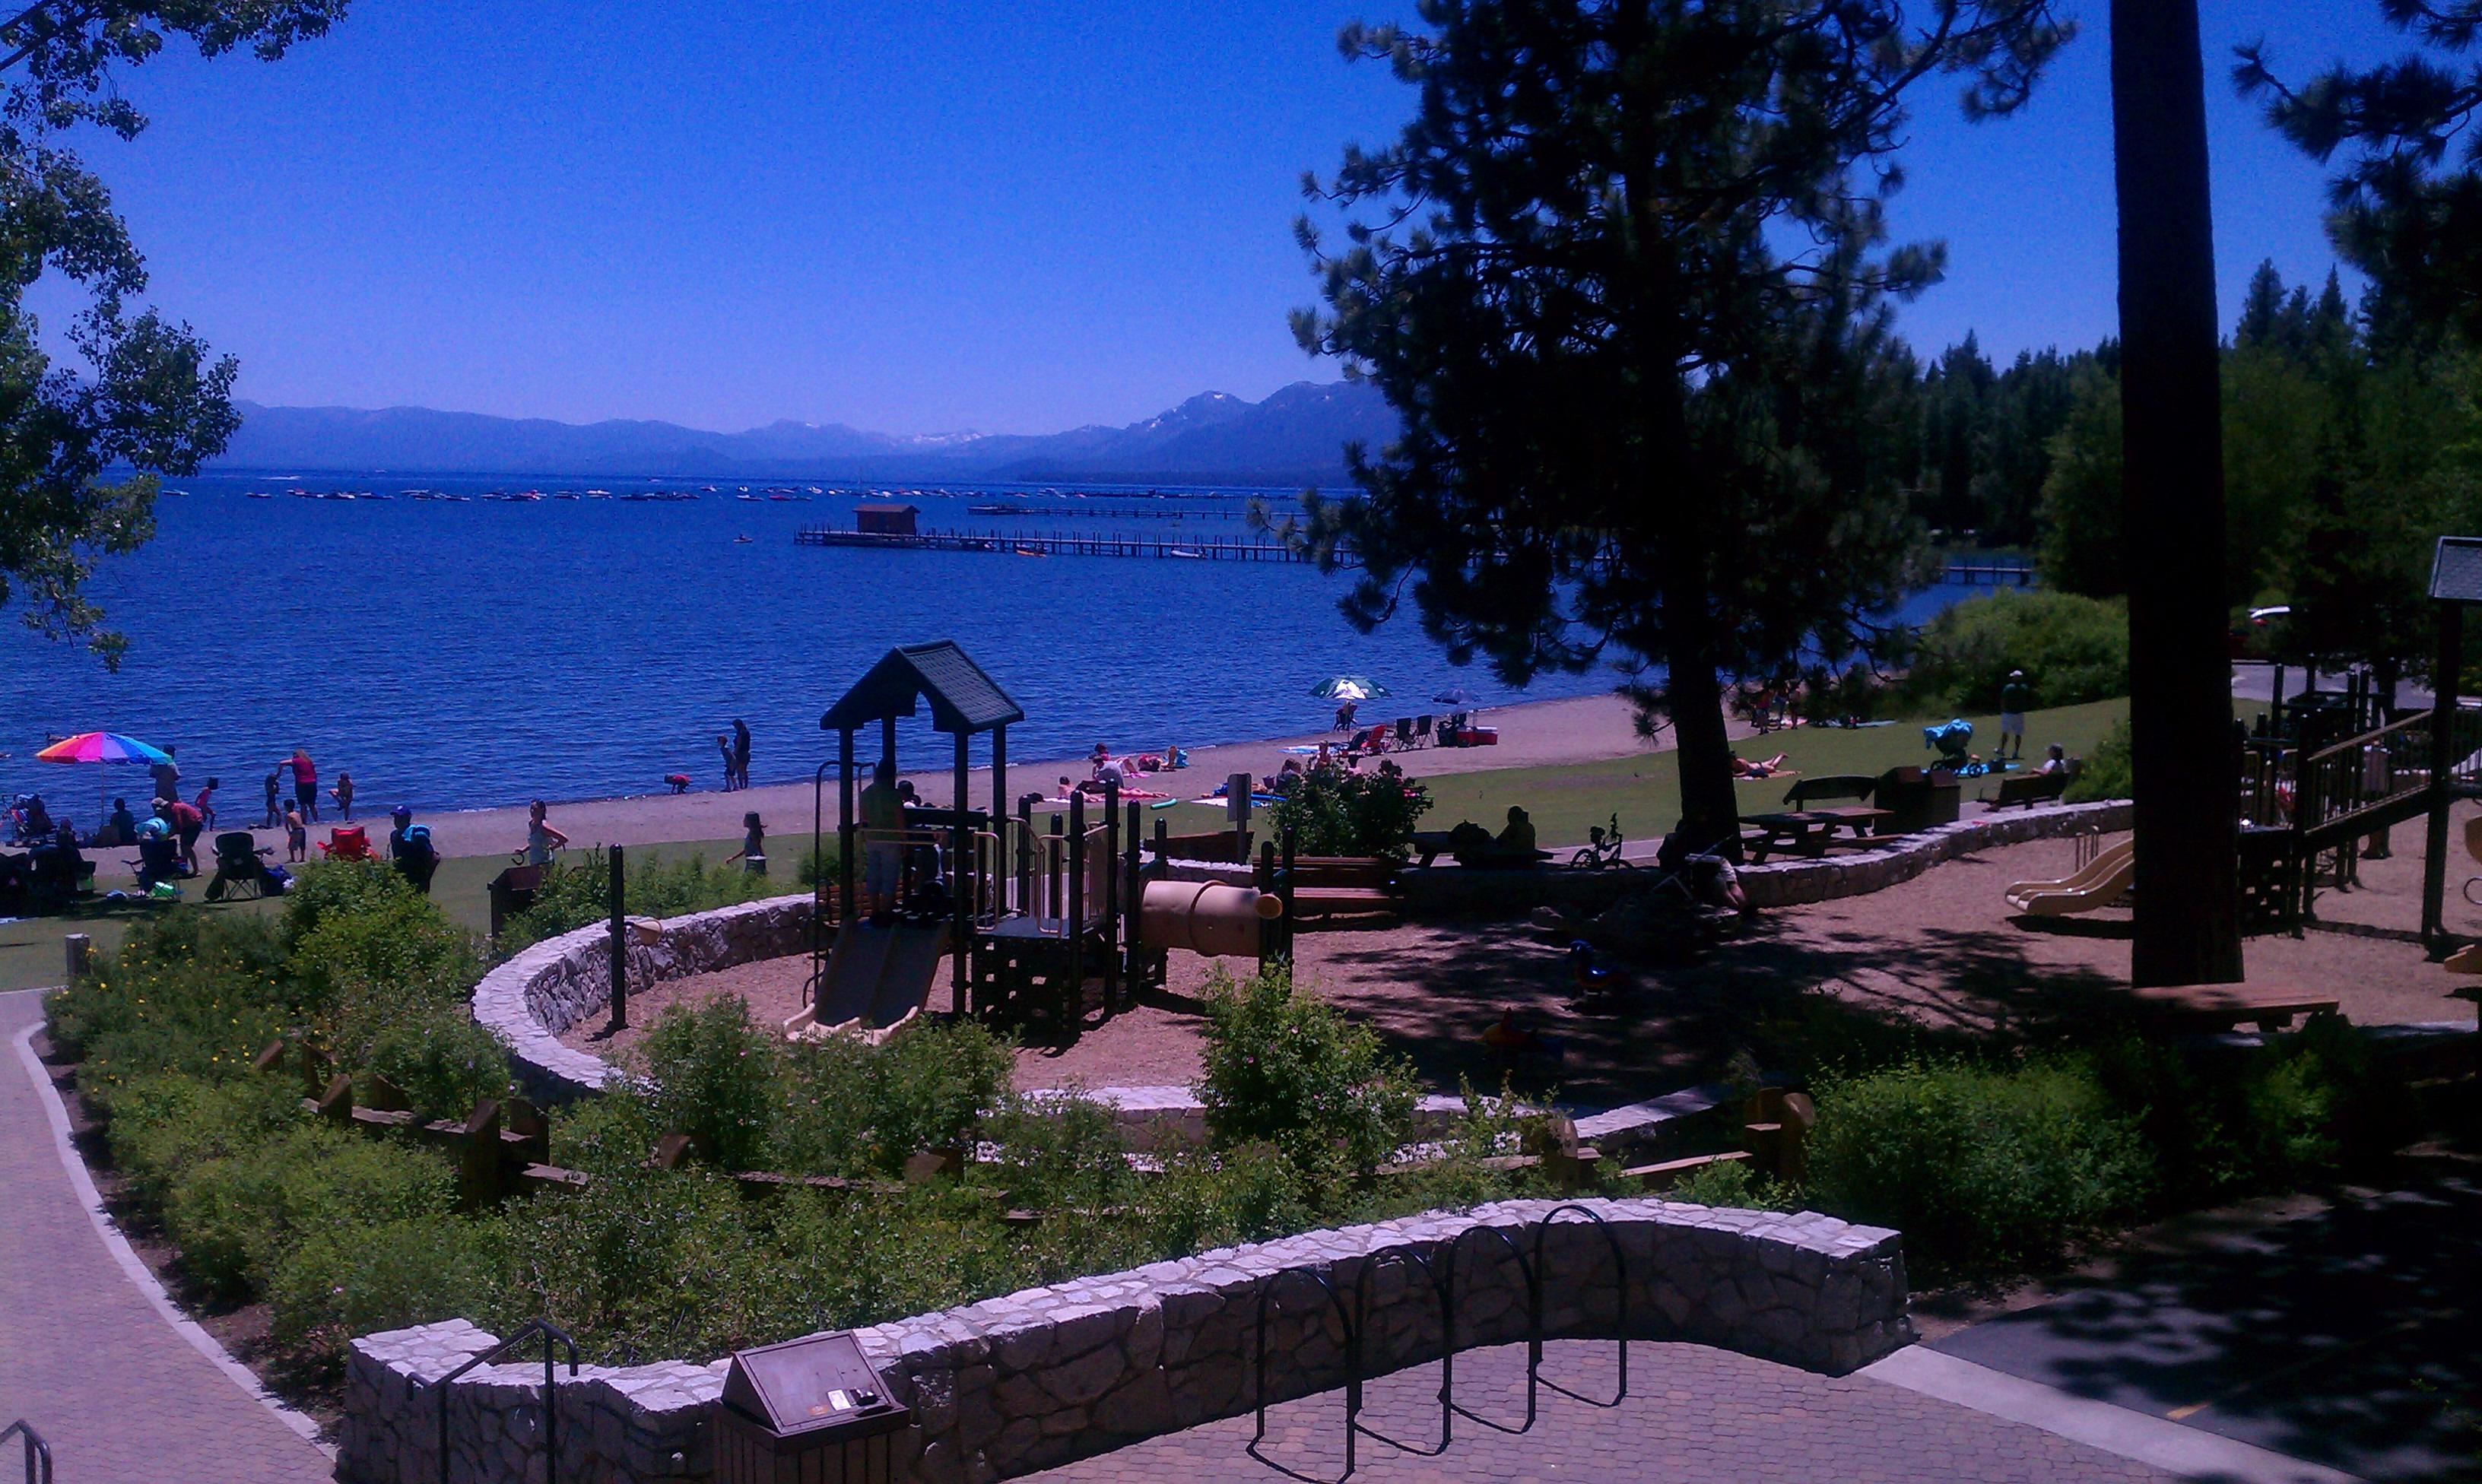 翡翠湾州立公园可以算的上是太浩湖名气最大的景点,所以游览太浩湖一定要去看翡翠湾。驾车沿89号公路抵达Vikingshom停车场,这里就是是翡翠观景台,旁边有一条步行小径,沿着小径可以走到湖边的沙滩。在89号公路的沿途还有许多其他的州立公园,遇到风景优美的公园不如就驶进去,一定不会失望。行驶22英里就可以到达太浩城,太浩湖的一大特色就是赌场,游览了一天晚上在湖边散散步,非常惬意。